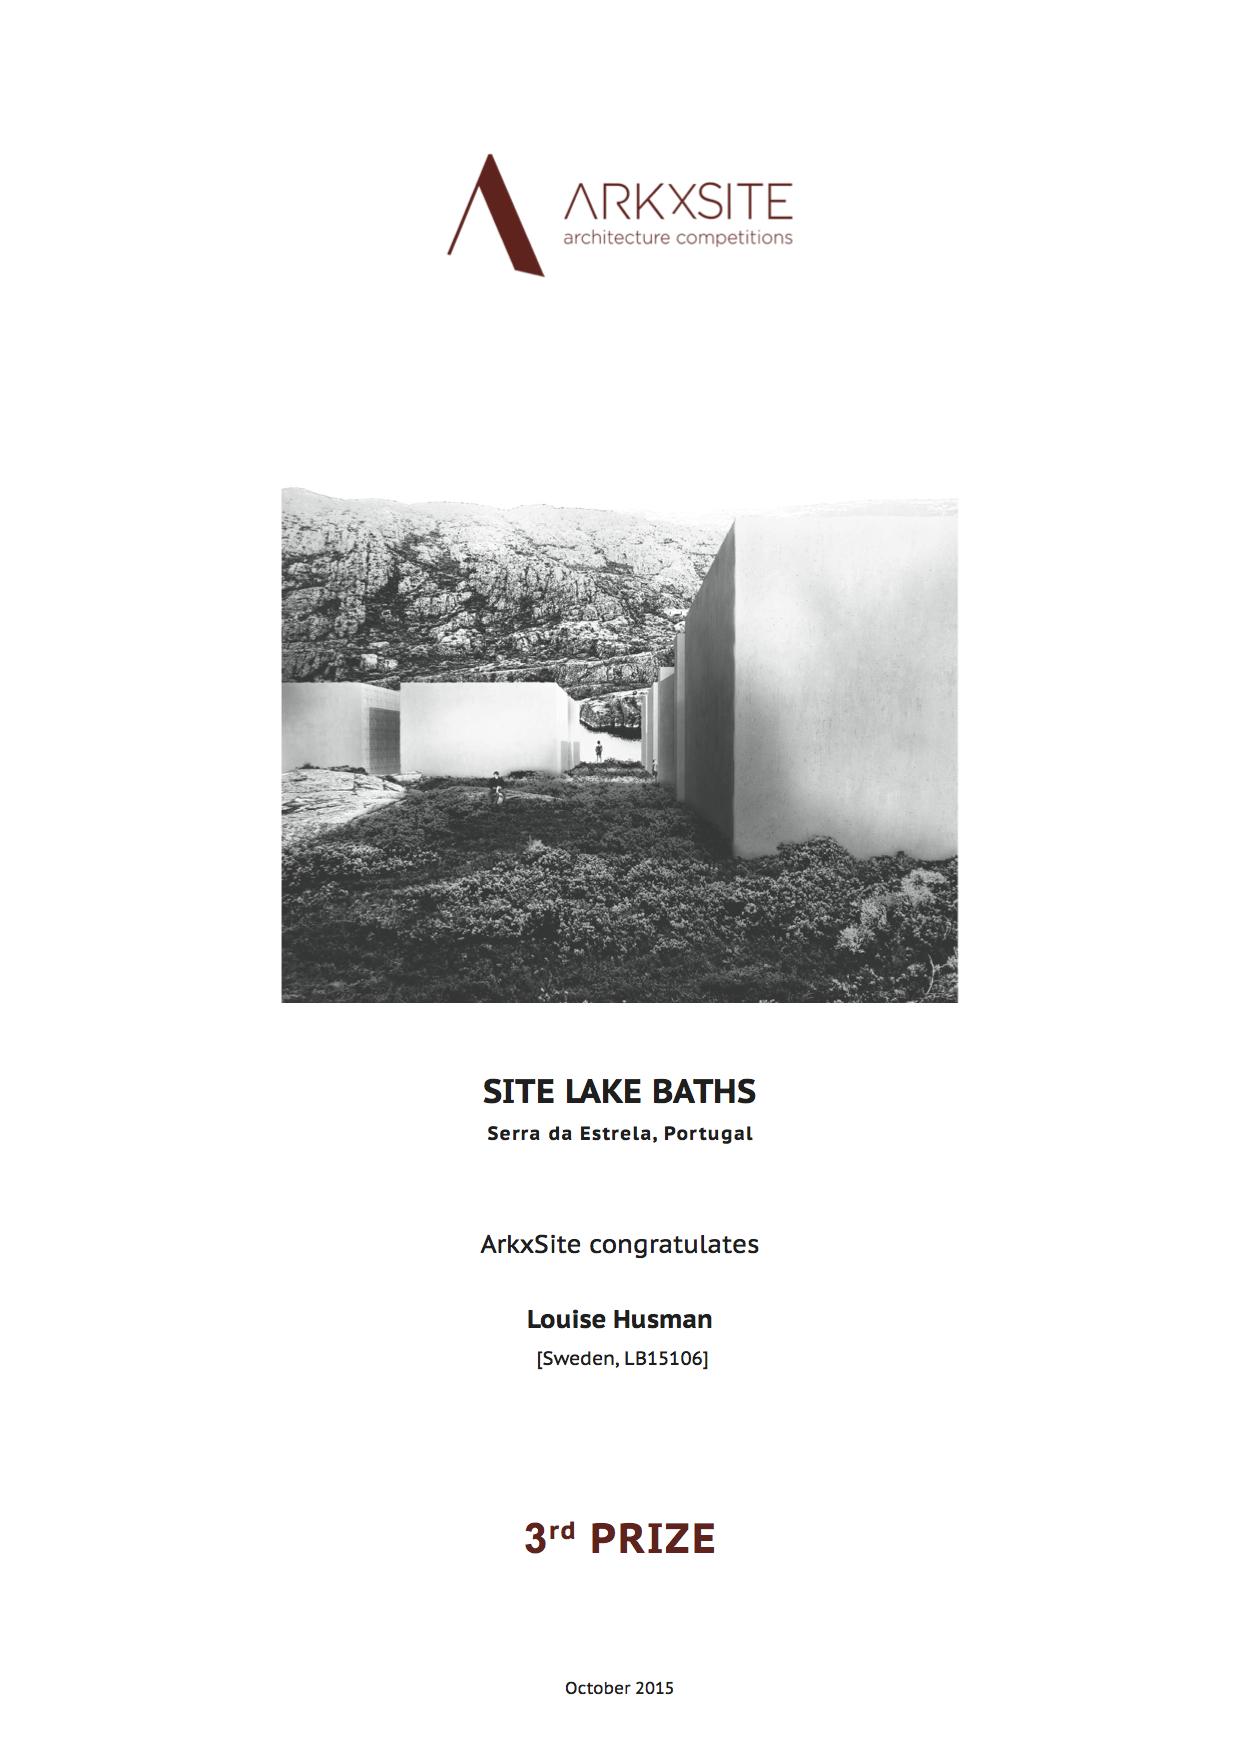 LakeBaths_3Prize.jpg